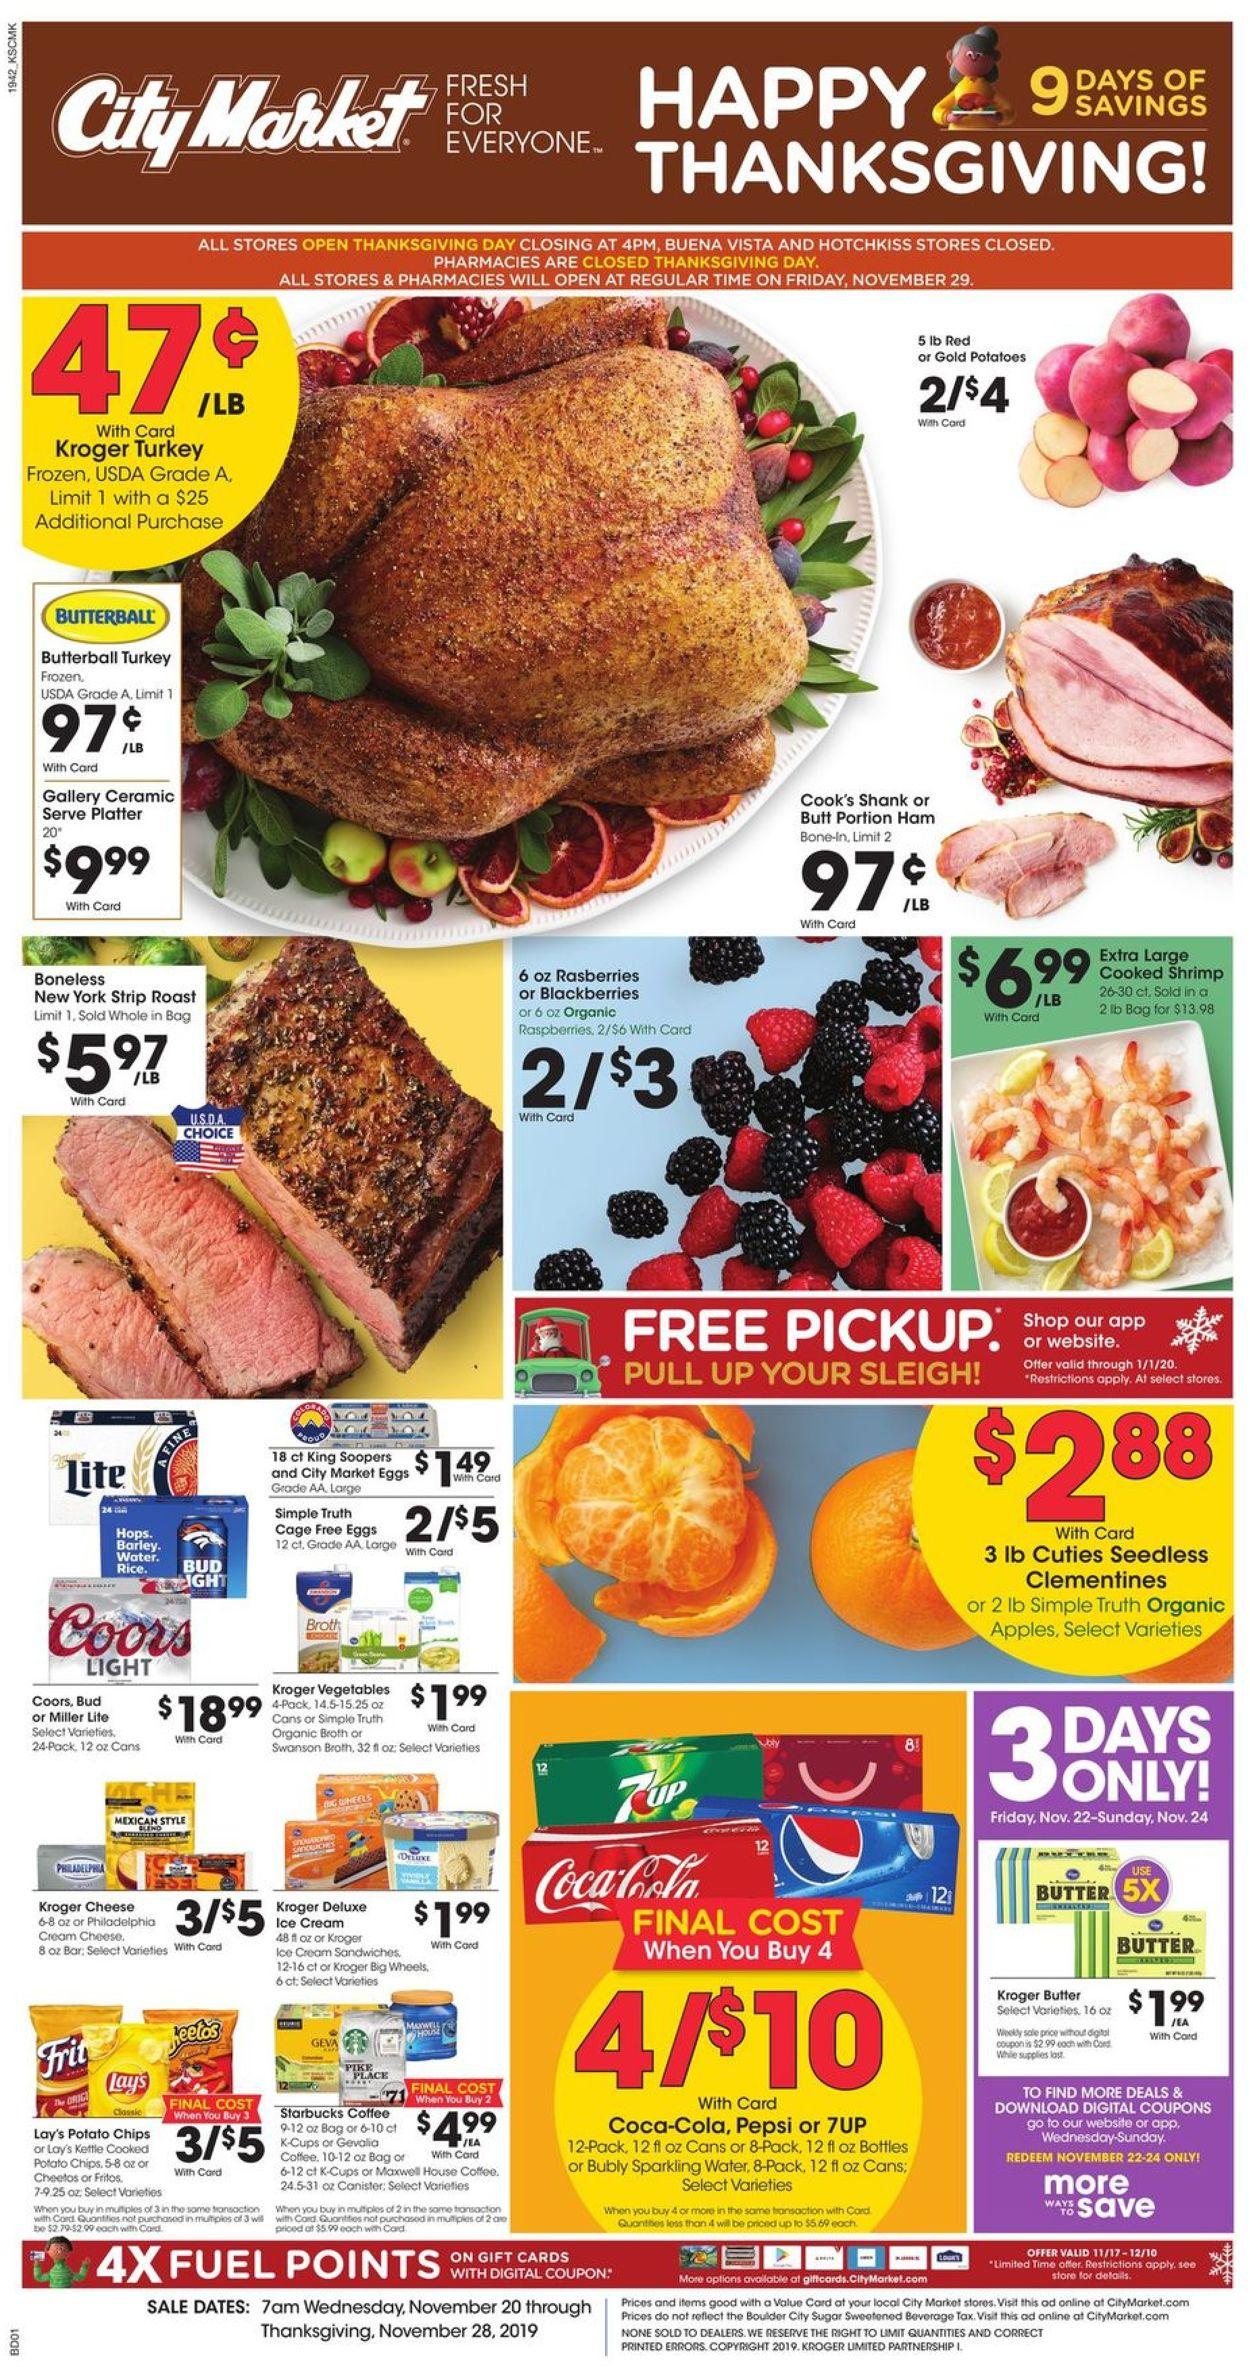 Catalogue City Market - Holiday Ad 2019 from 11/20/2019